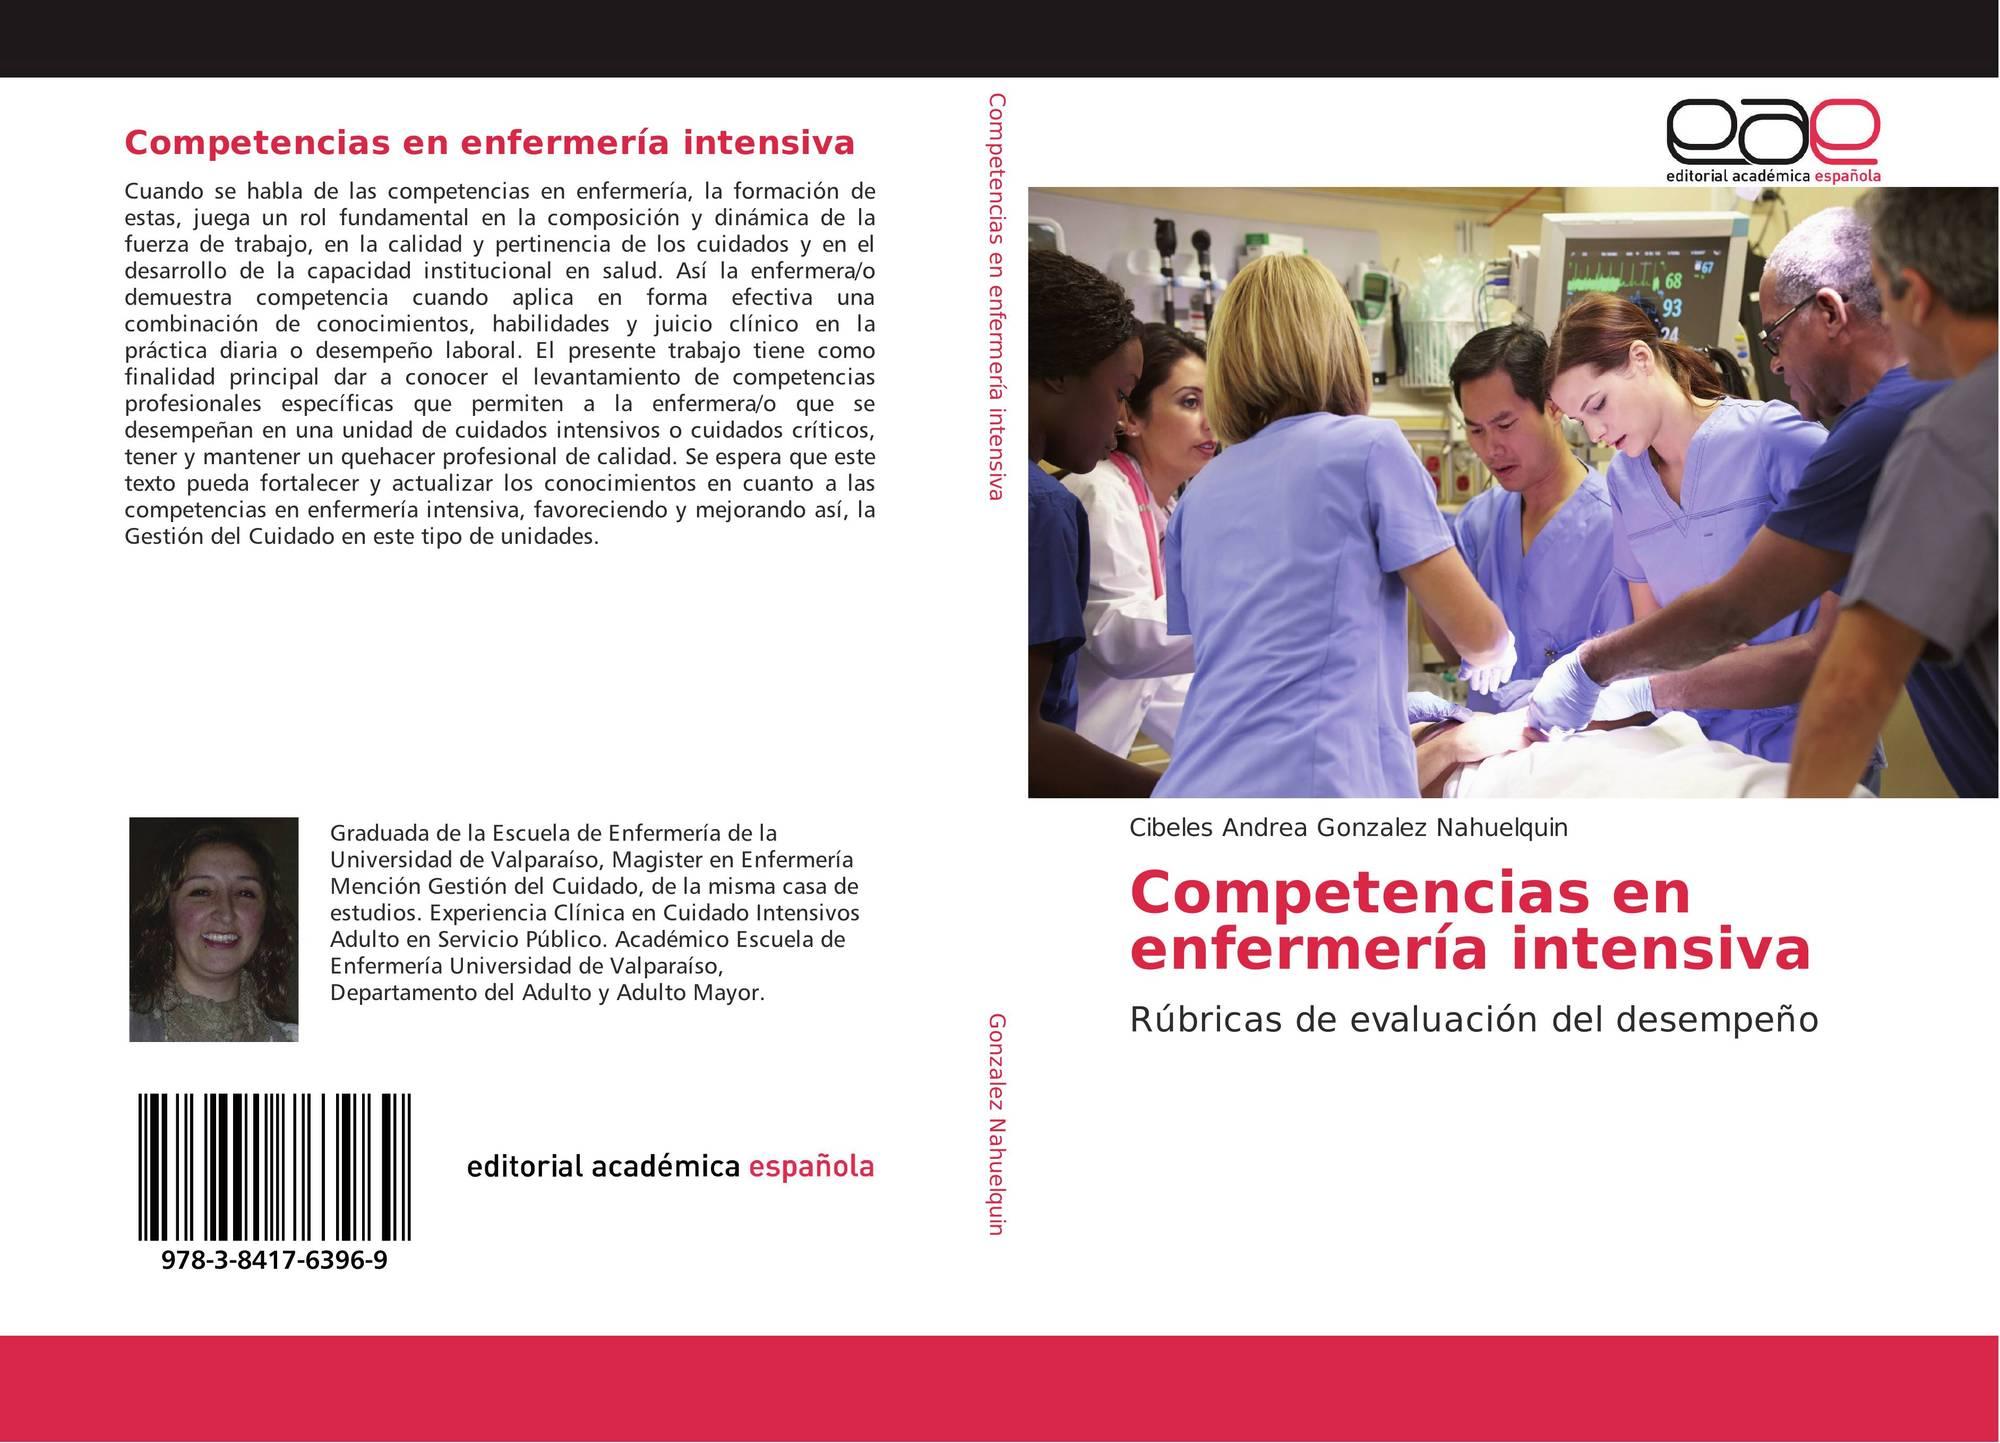 Competencias en enfermería intensiva, 978-3-8417-6396-9, 3841763960 ...